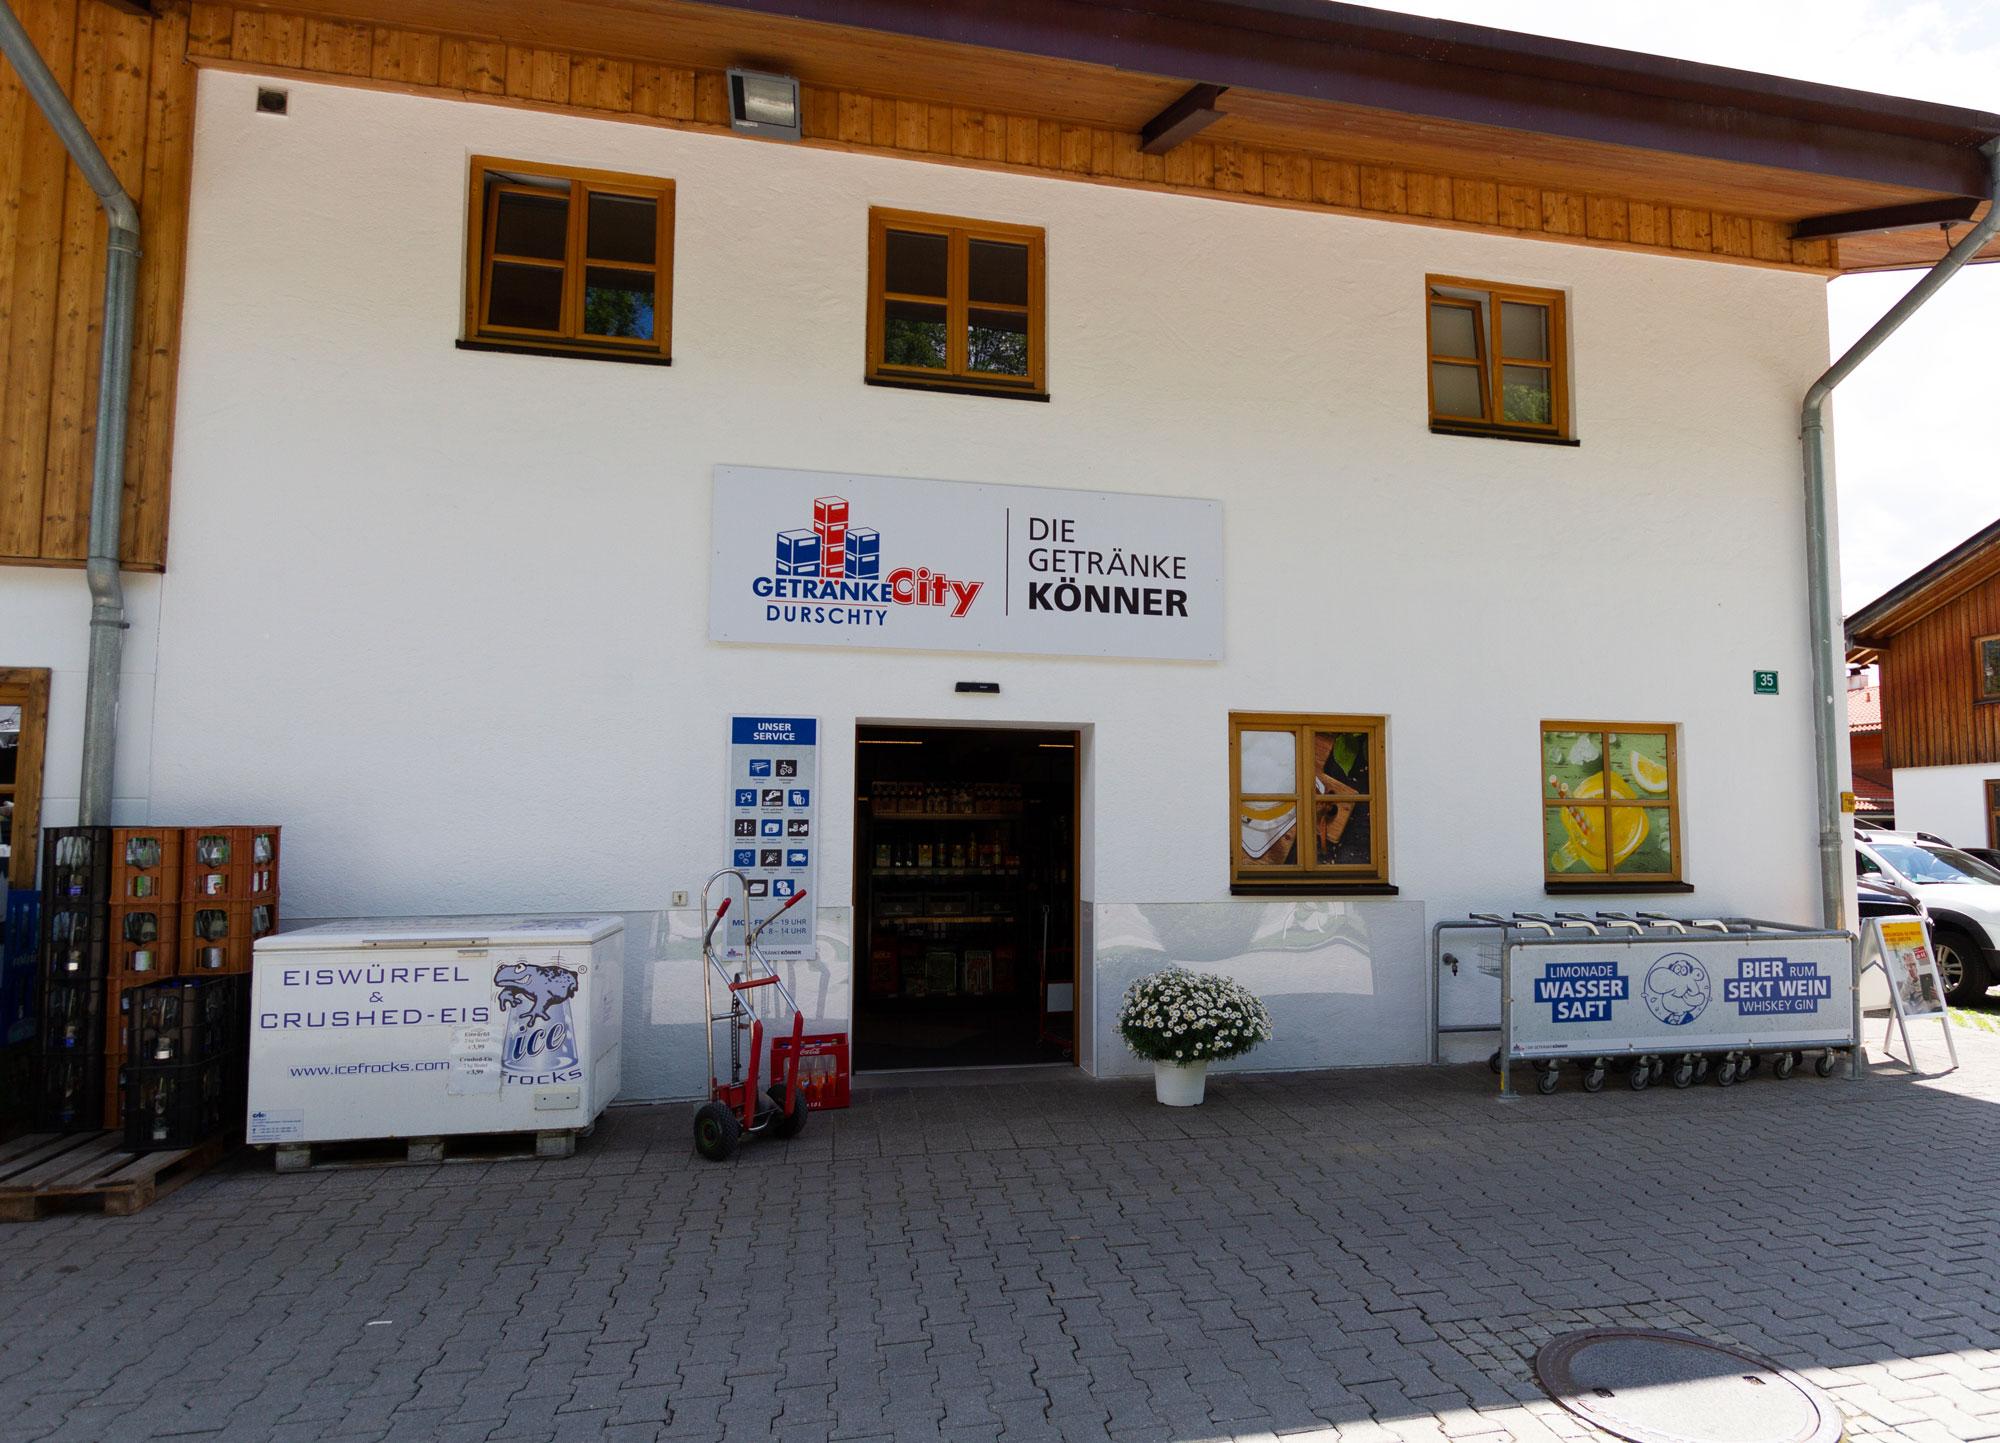 Getränke City Durschty Rottach-Egern